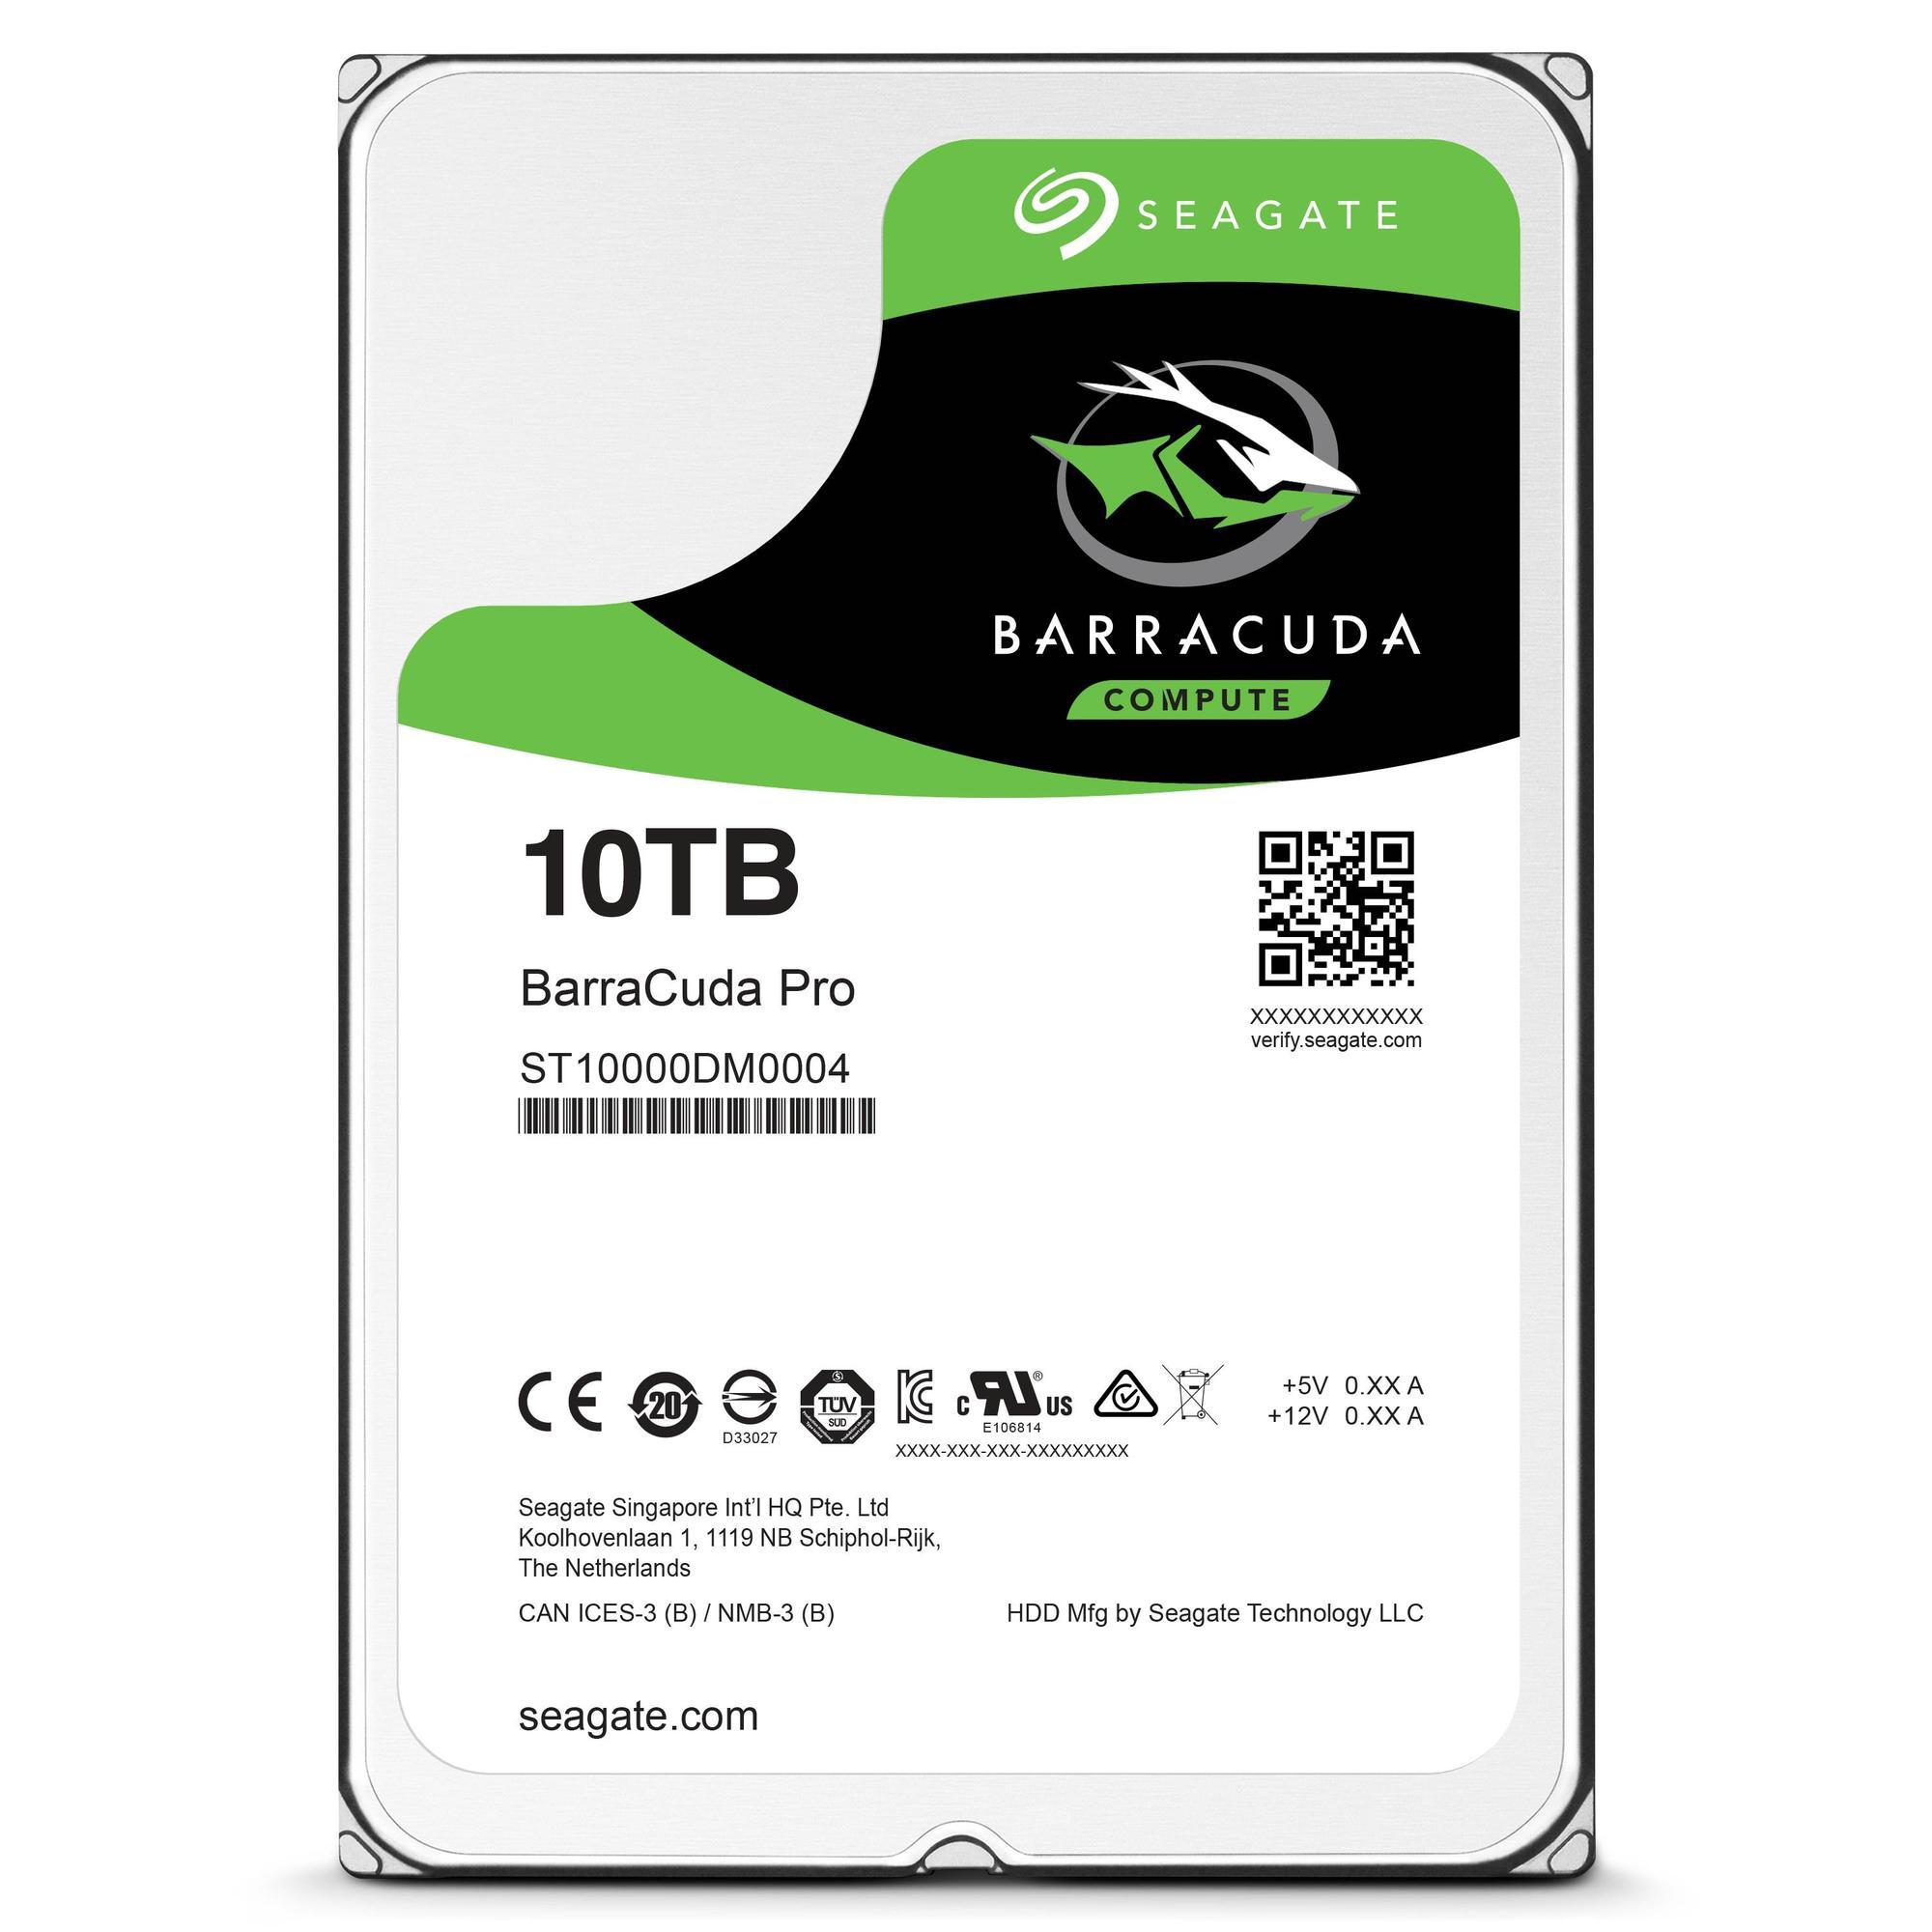 Seagate, 10TB kapasiteli sabit disklerini satışa sundu